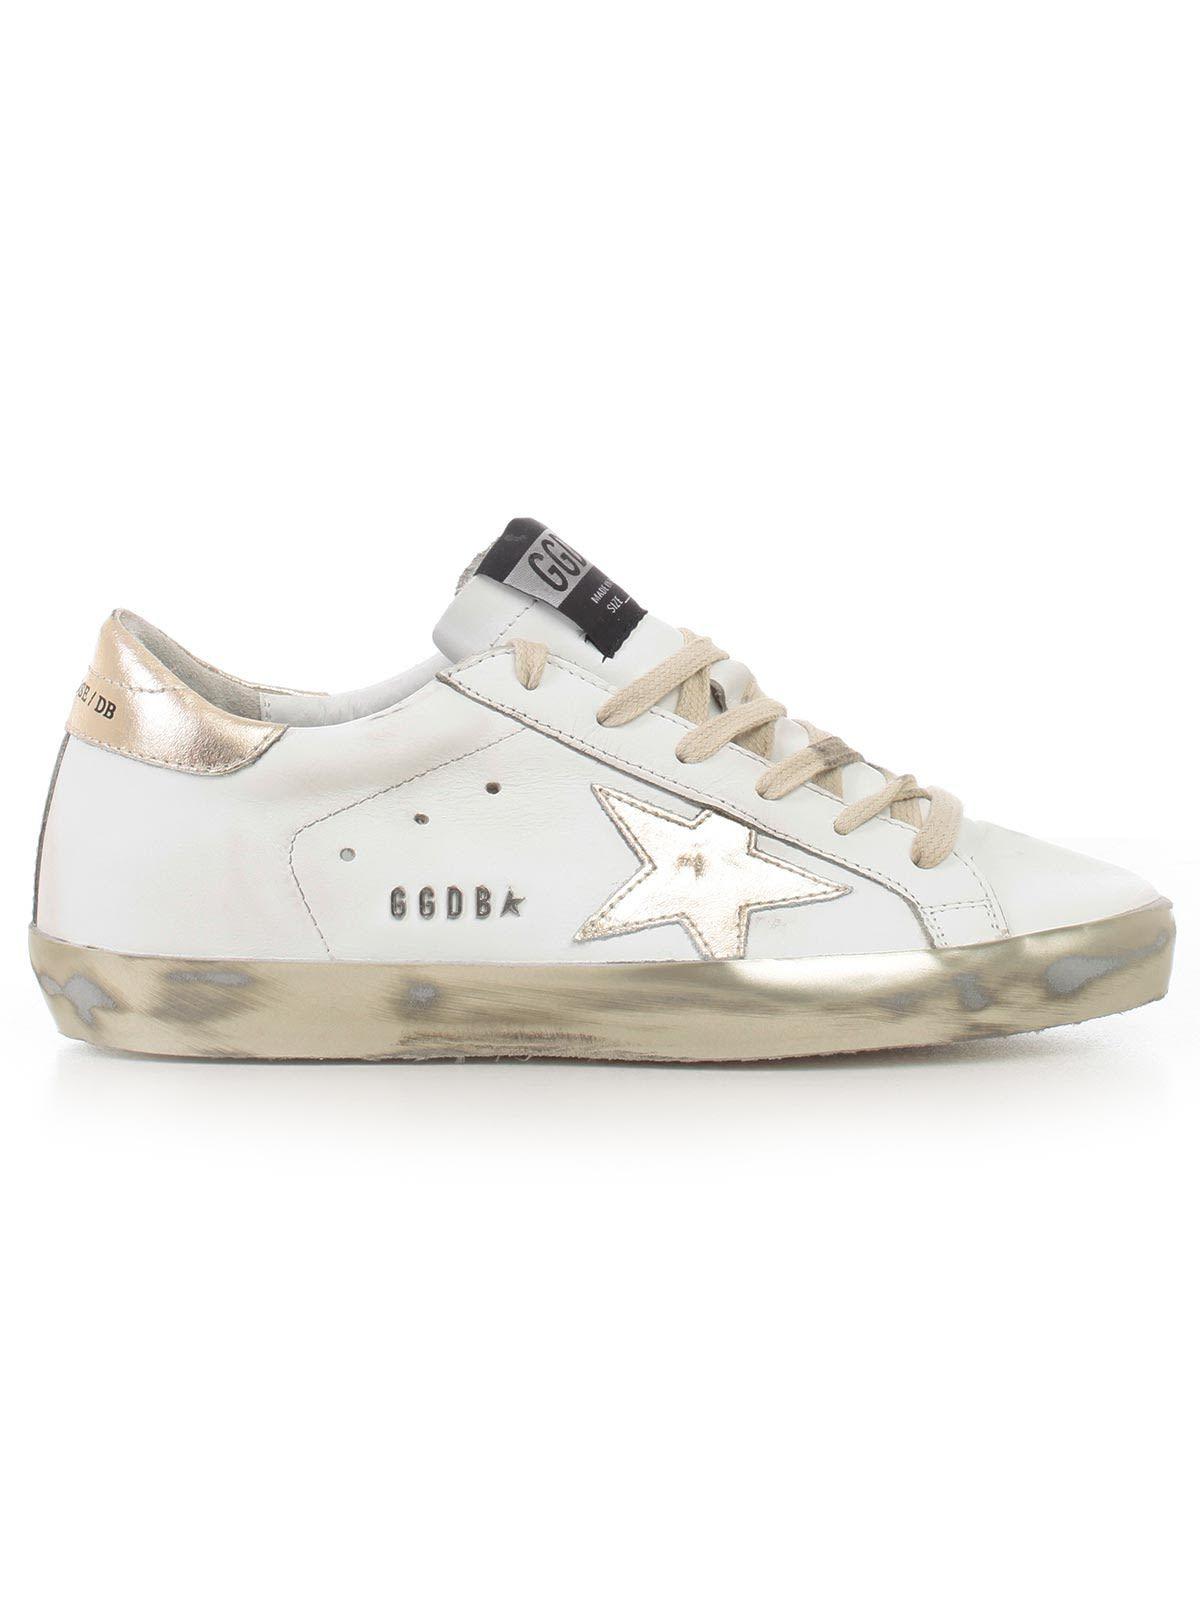 Golden Goose Deluxe Brand Superstar Sneakers In White Gold Star Modesens Golden Goose Sneakers Outfit Golden Goose Deluxe Brand Golden Goose Sneakers